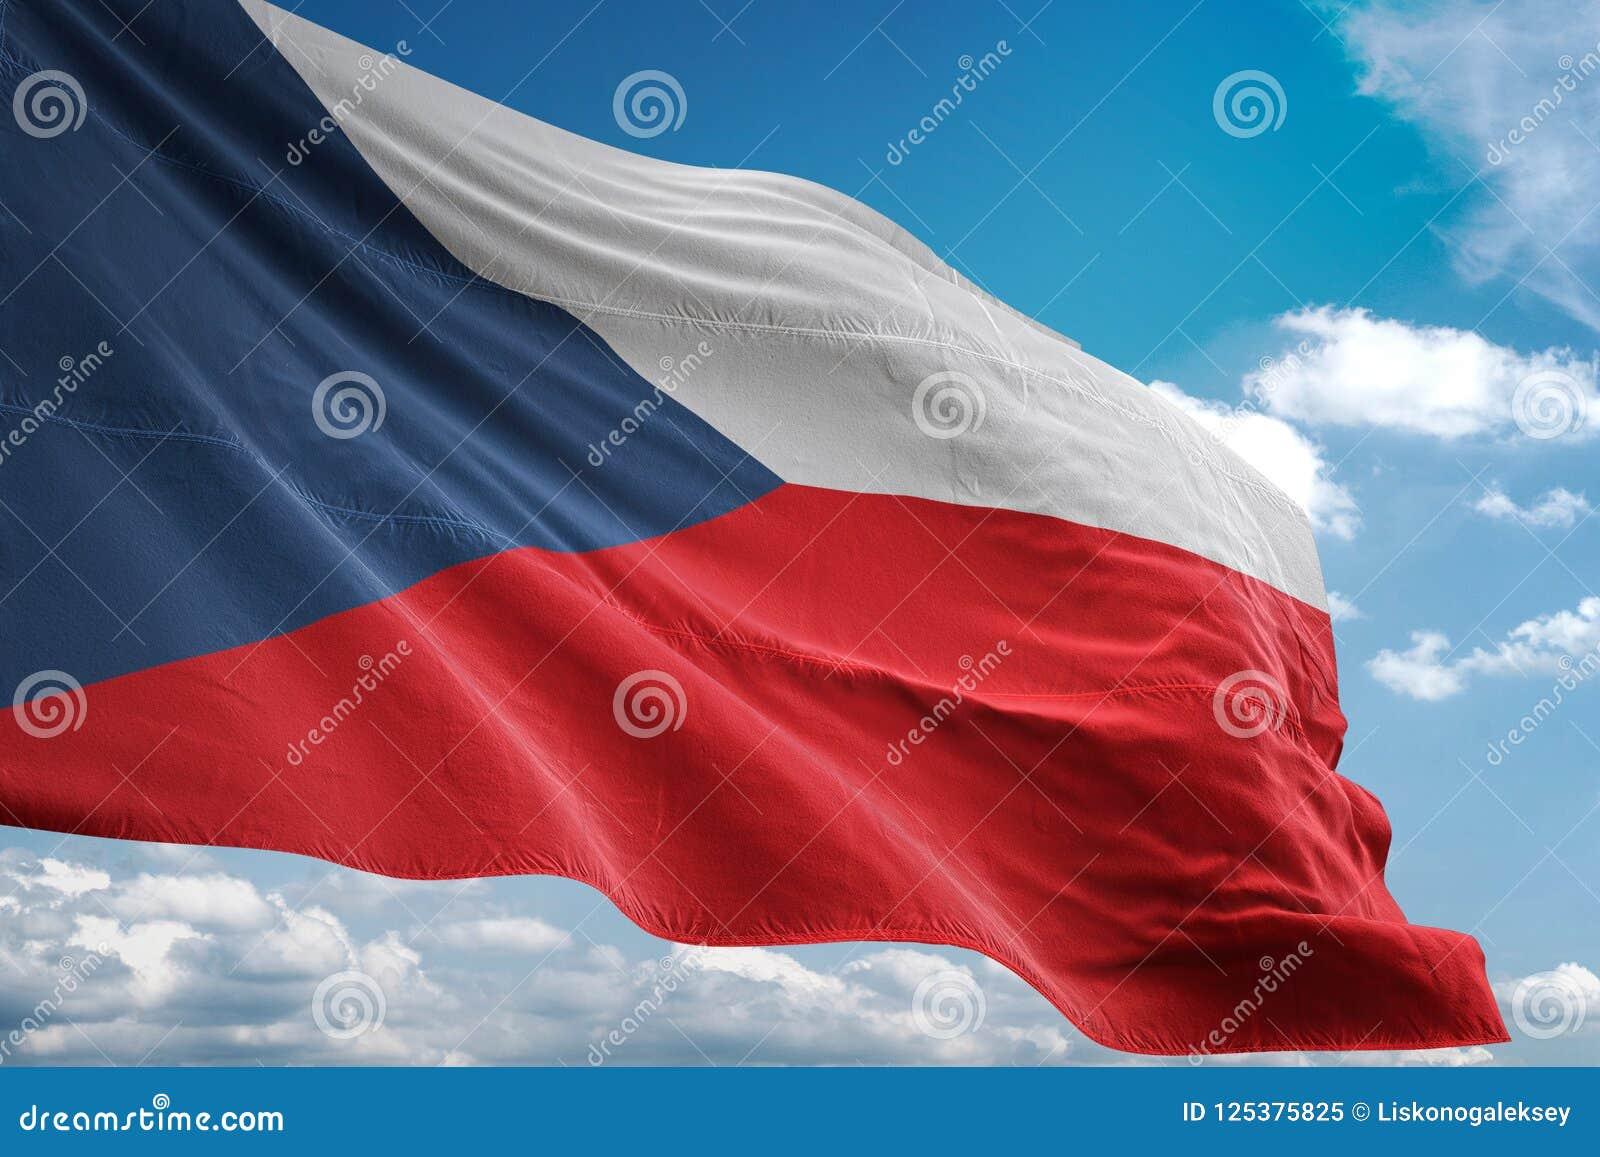 Drapeau national de République Tchèque ondulant l illustration 3d réaliste de fond de ciel bleu